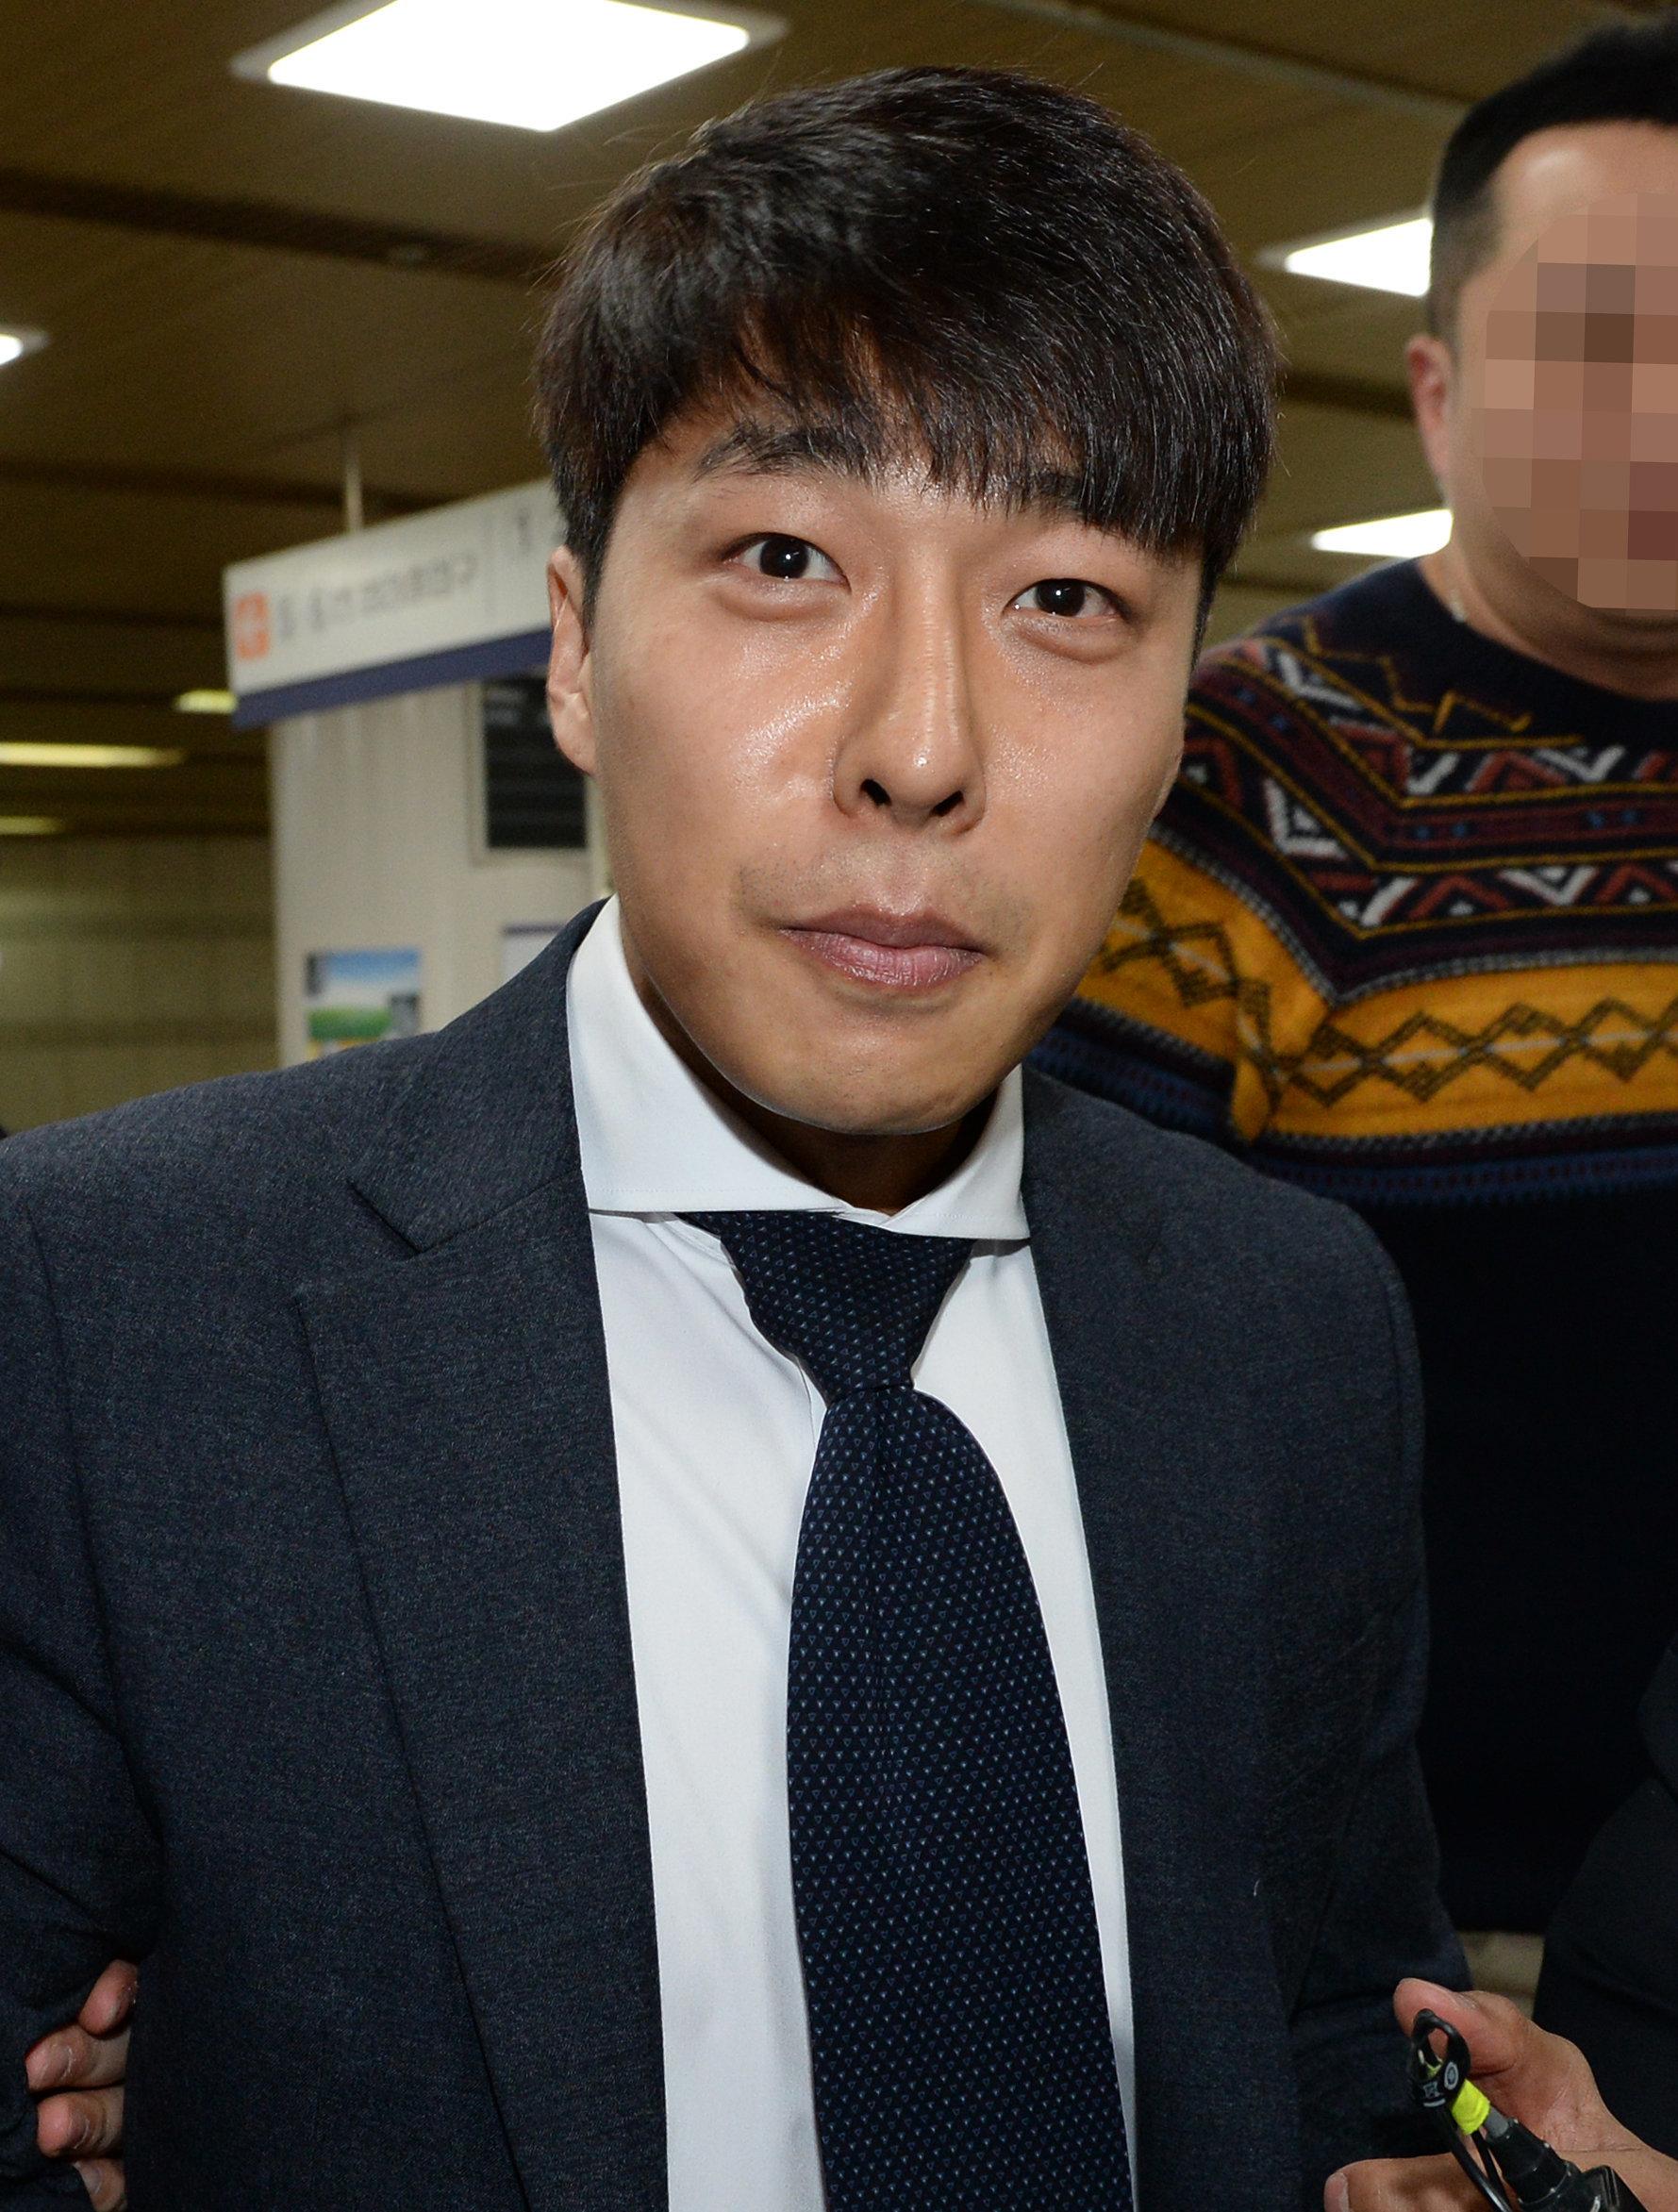 전 쇼트트랙 국가대표 김동성이 '어머니 살인 청부' 교사와 내연 관계였다는 보도가